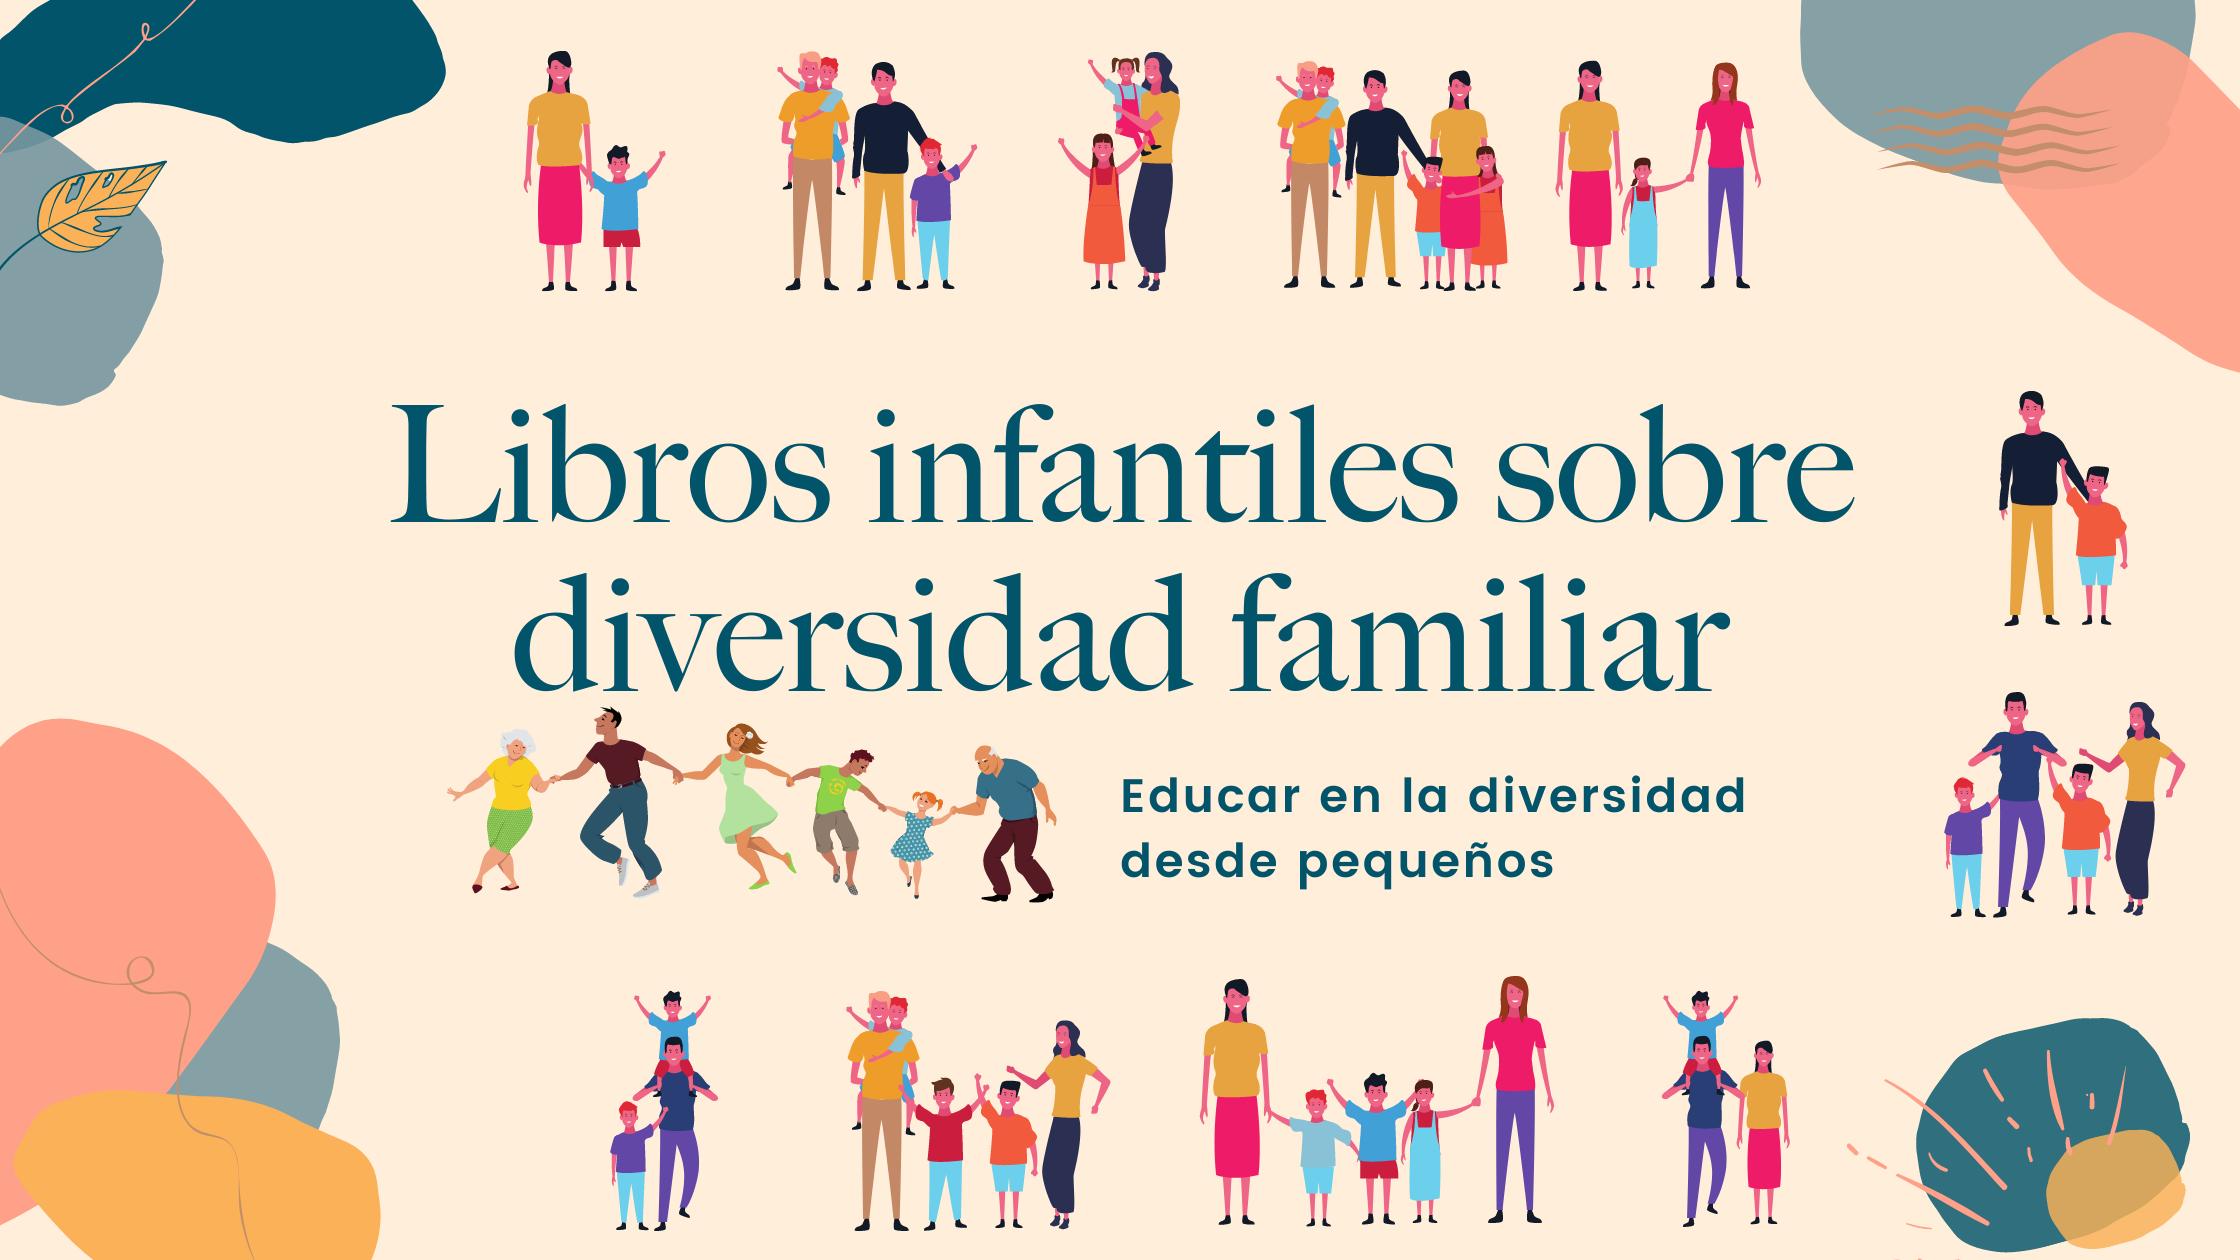 Libros para educar en la diversidad familiar